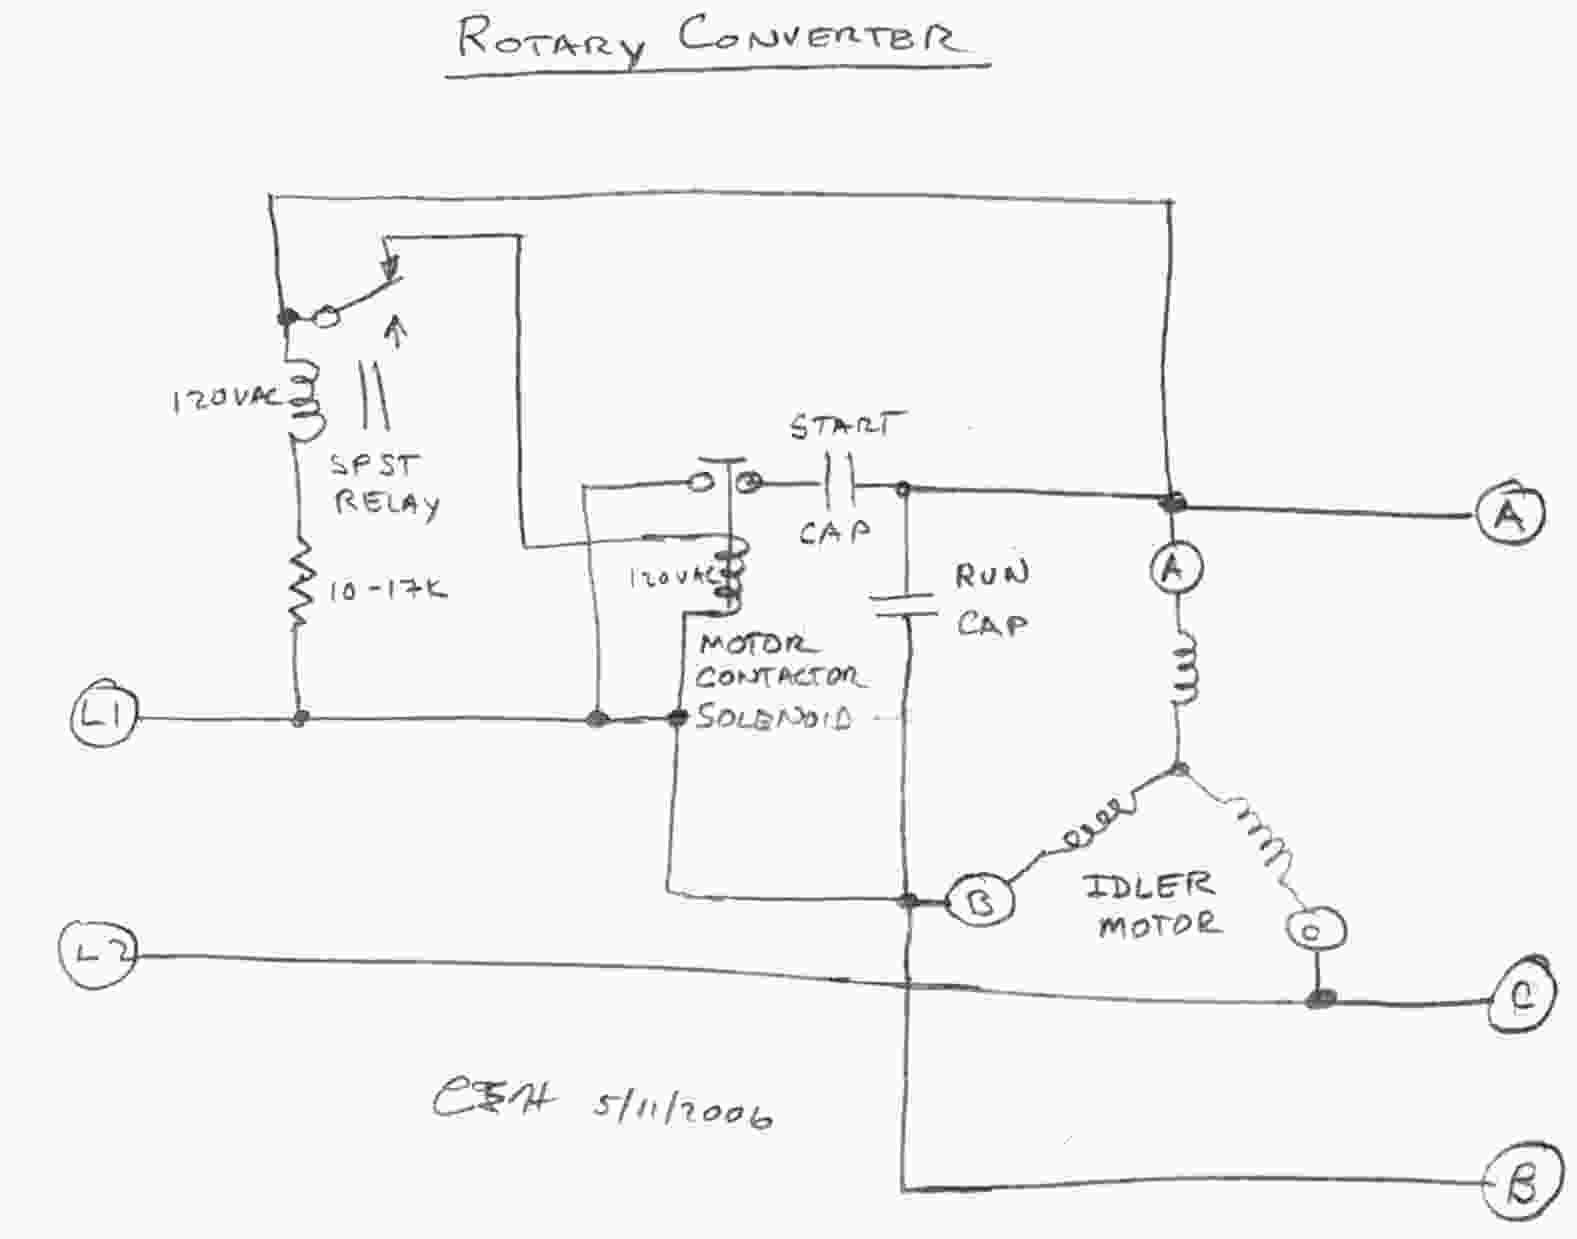 Century Electric Motor Wiring Schematics